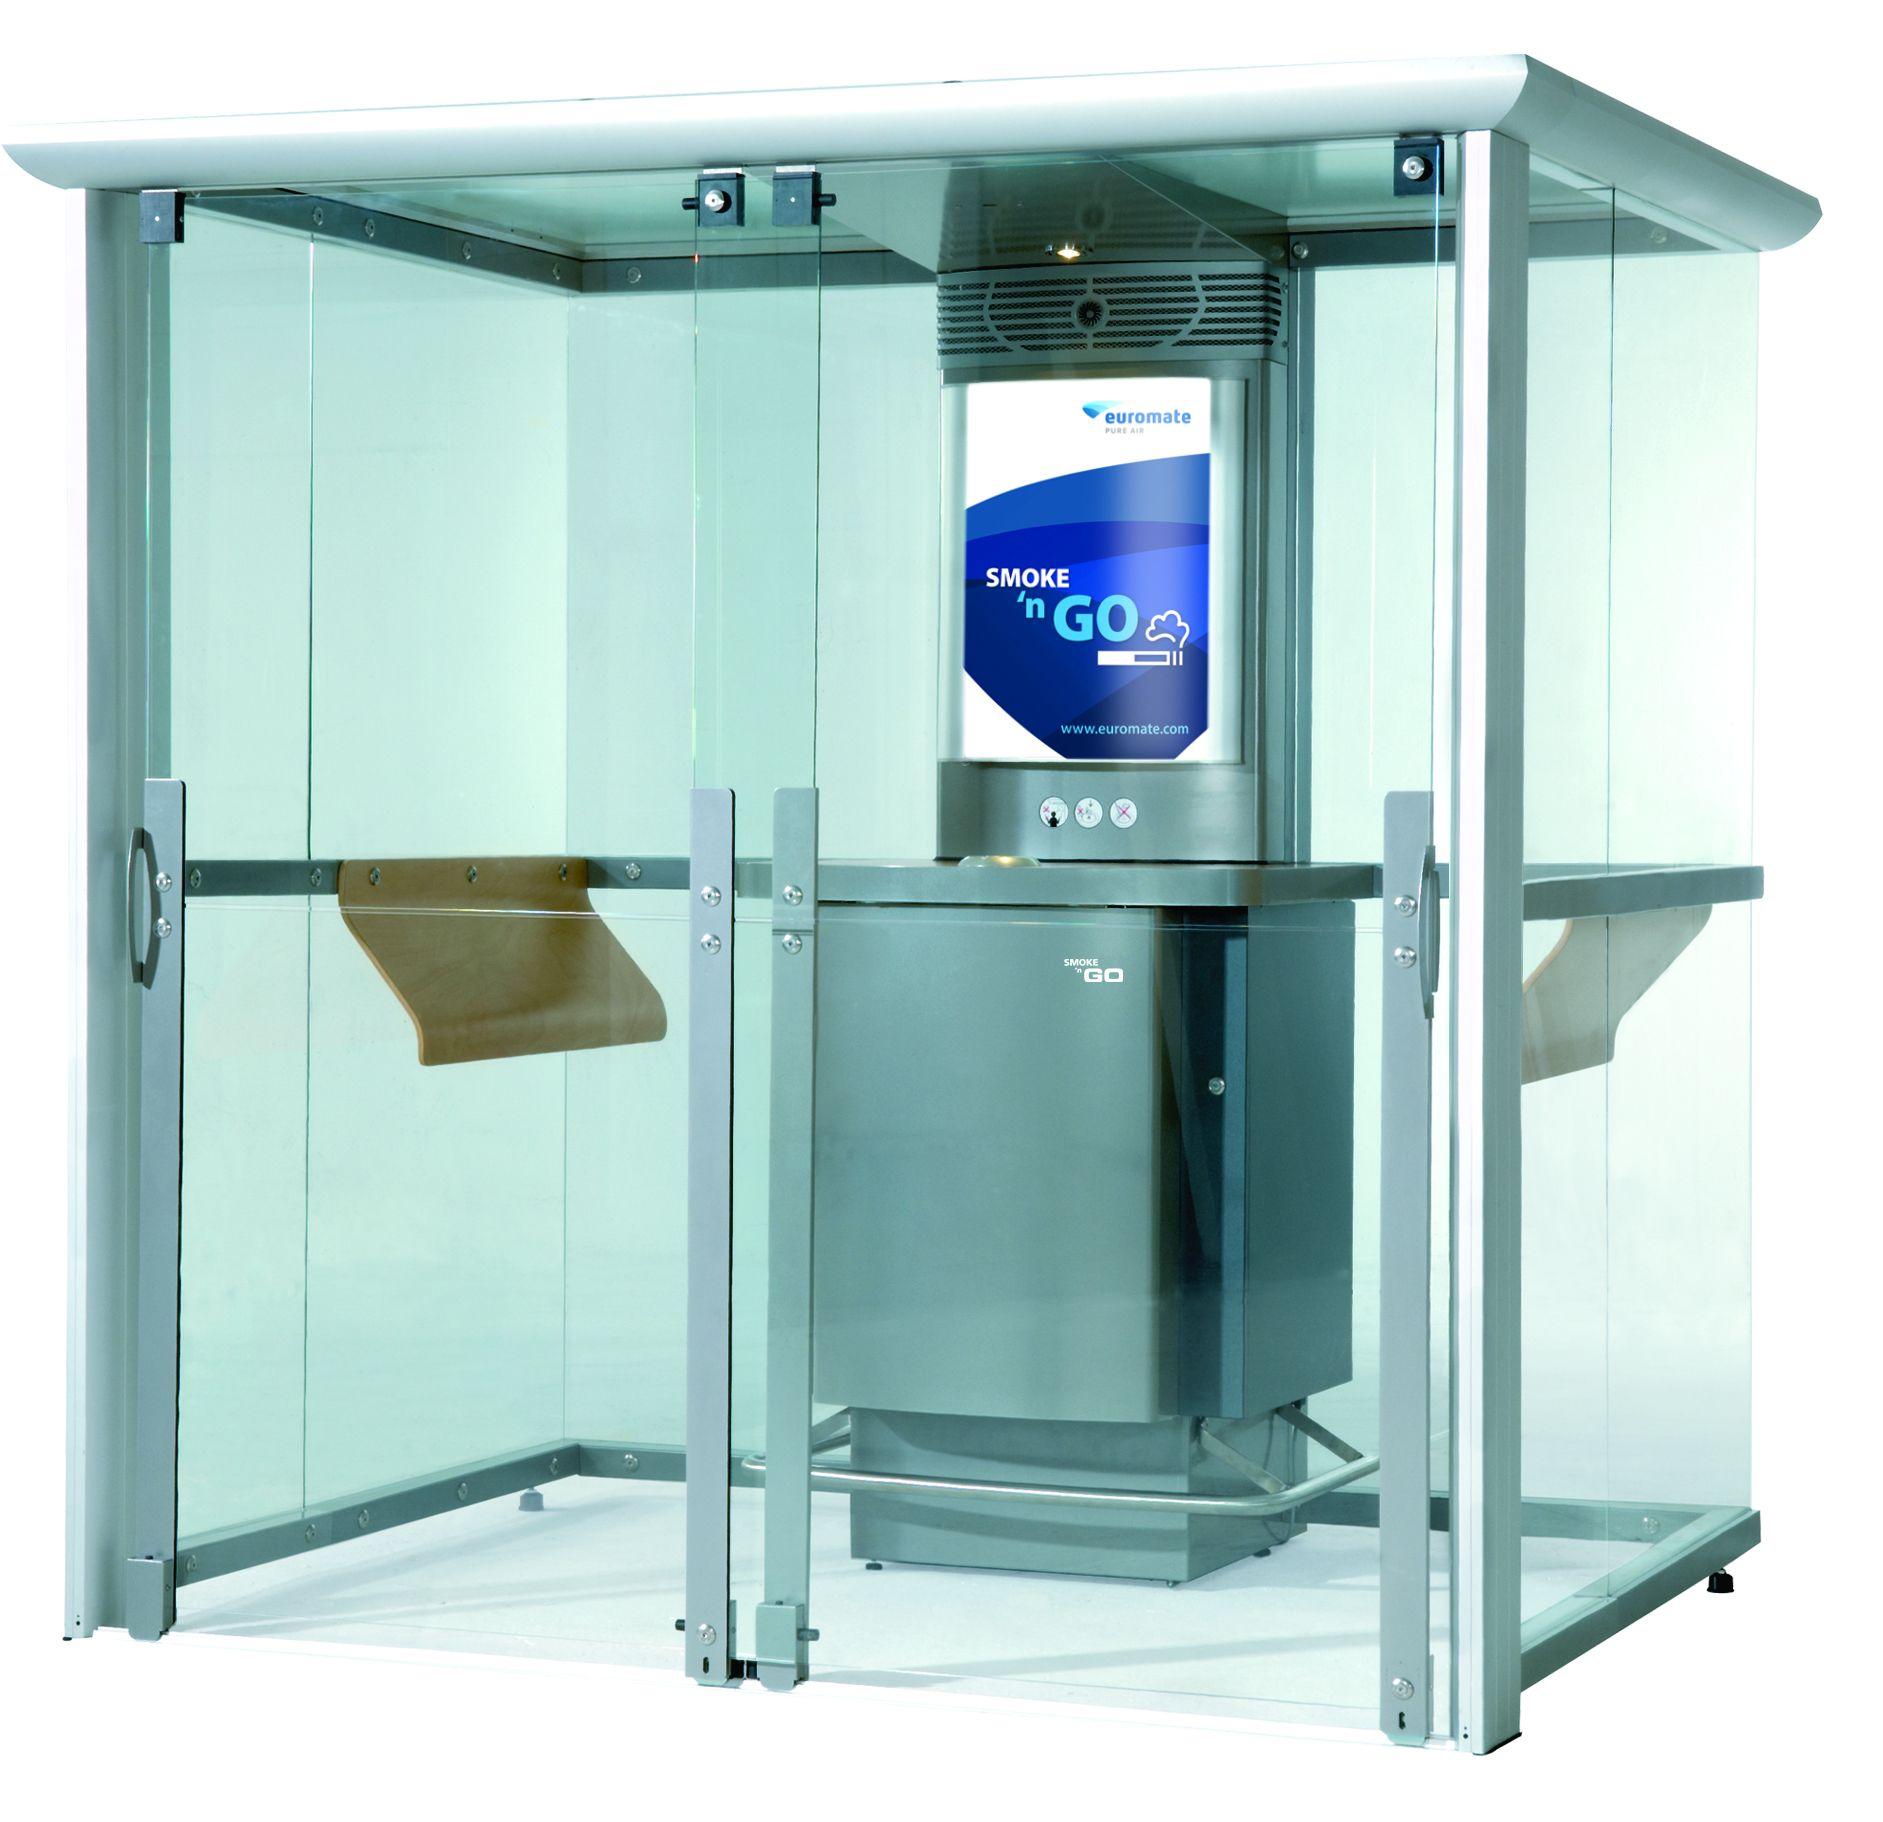 Smoking cabin SMART, Smoking Cabin, Smoking Solutions, Designated Smoking Area, Smoking Cabin Dubai